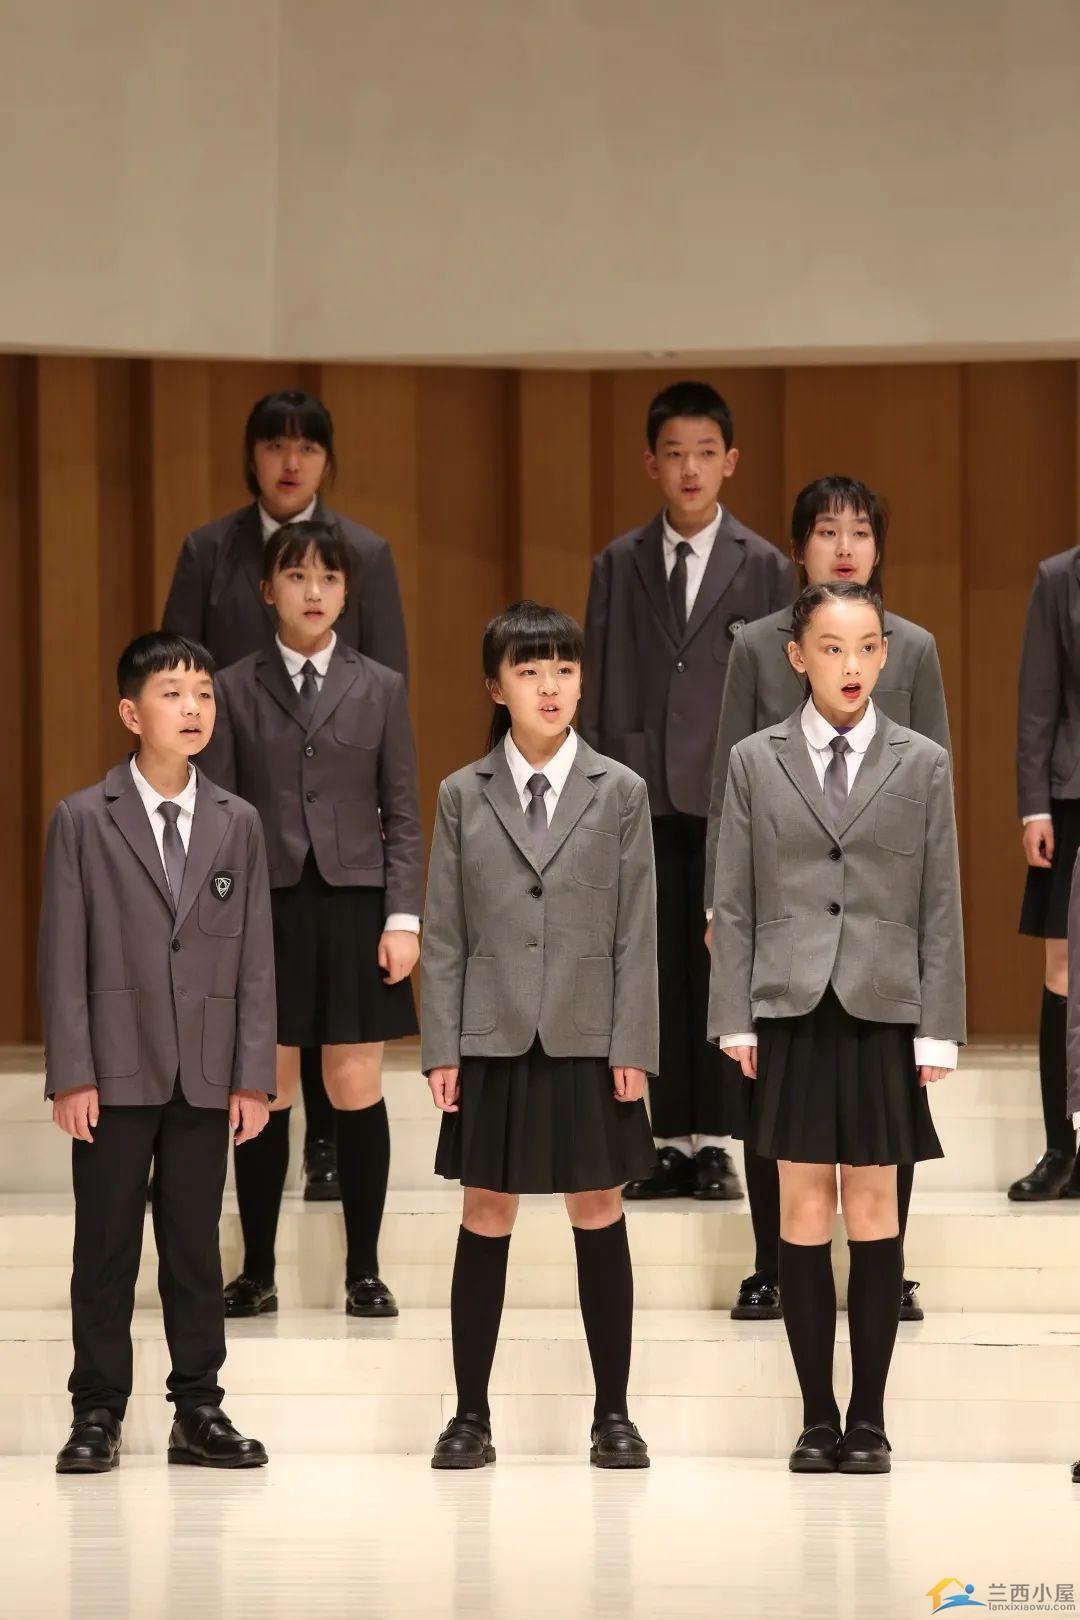 """祝贺GIA学子荣获Spelling Bee""""城市总决选初中组特等奖""""-14.jpg"""